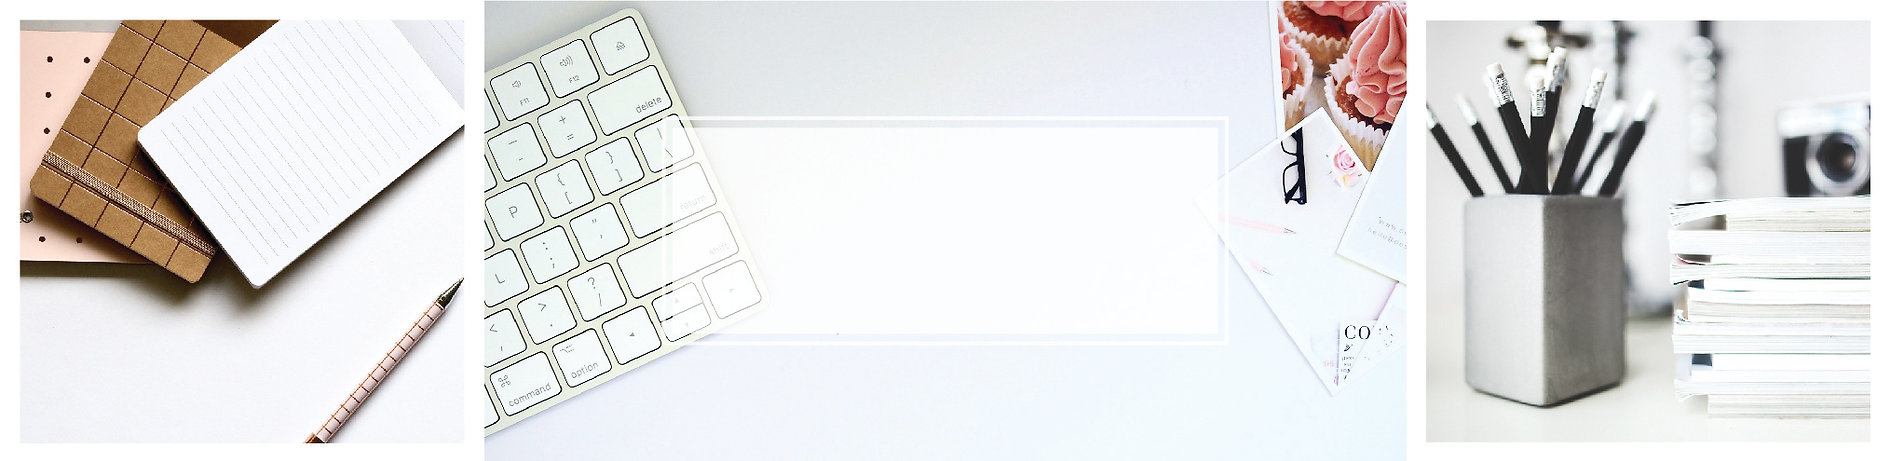 קאבר בלוג-01.jpg